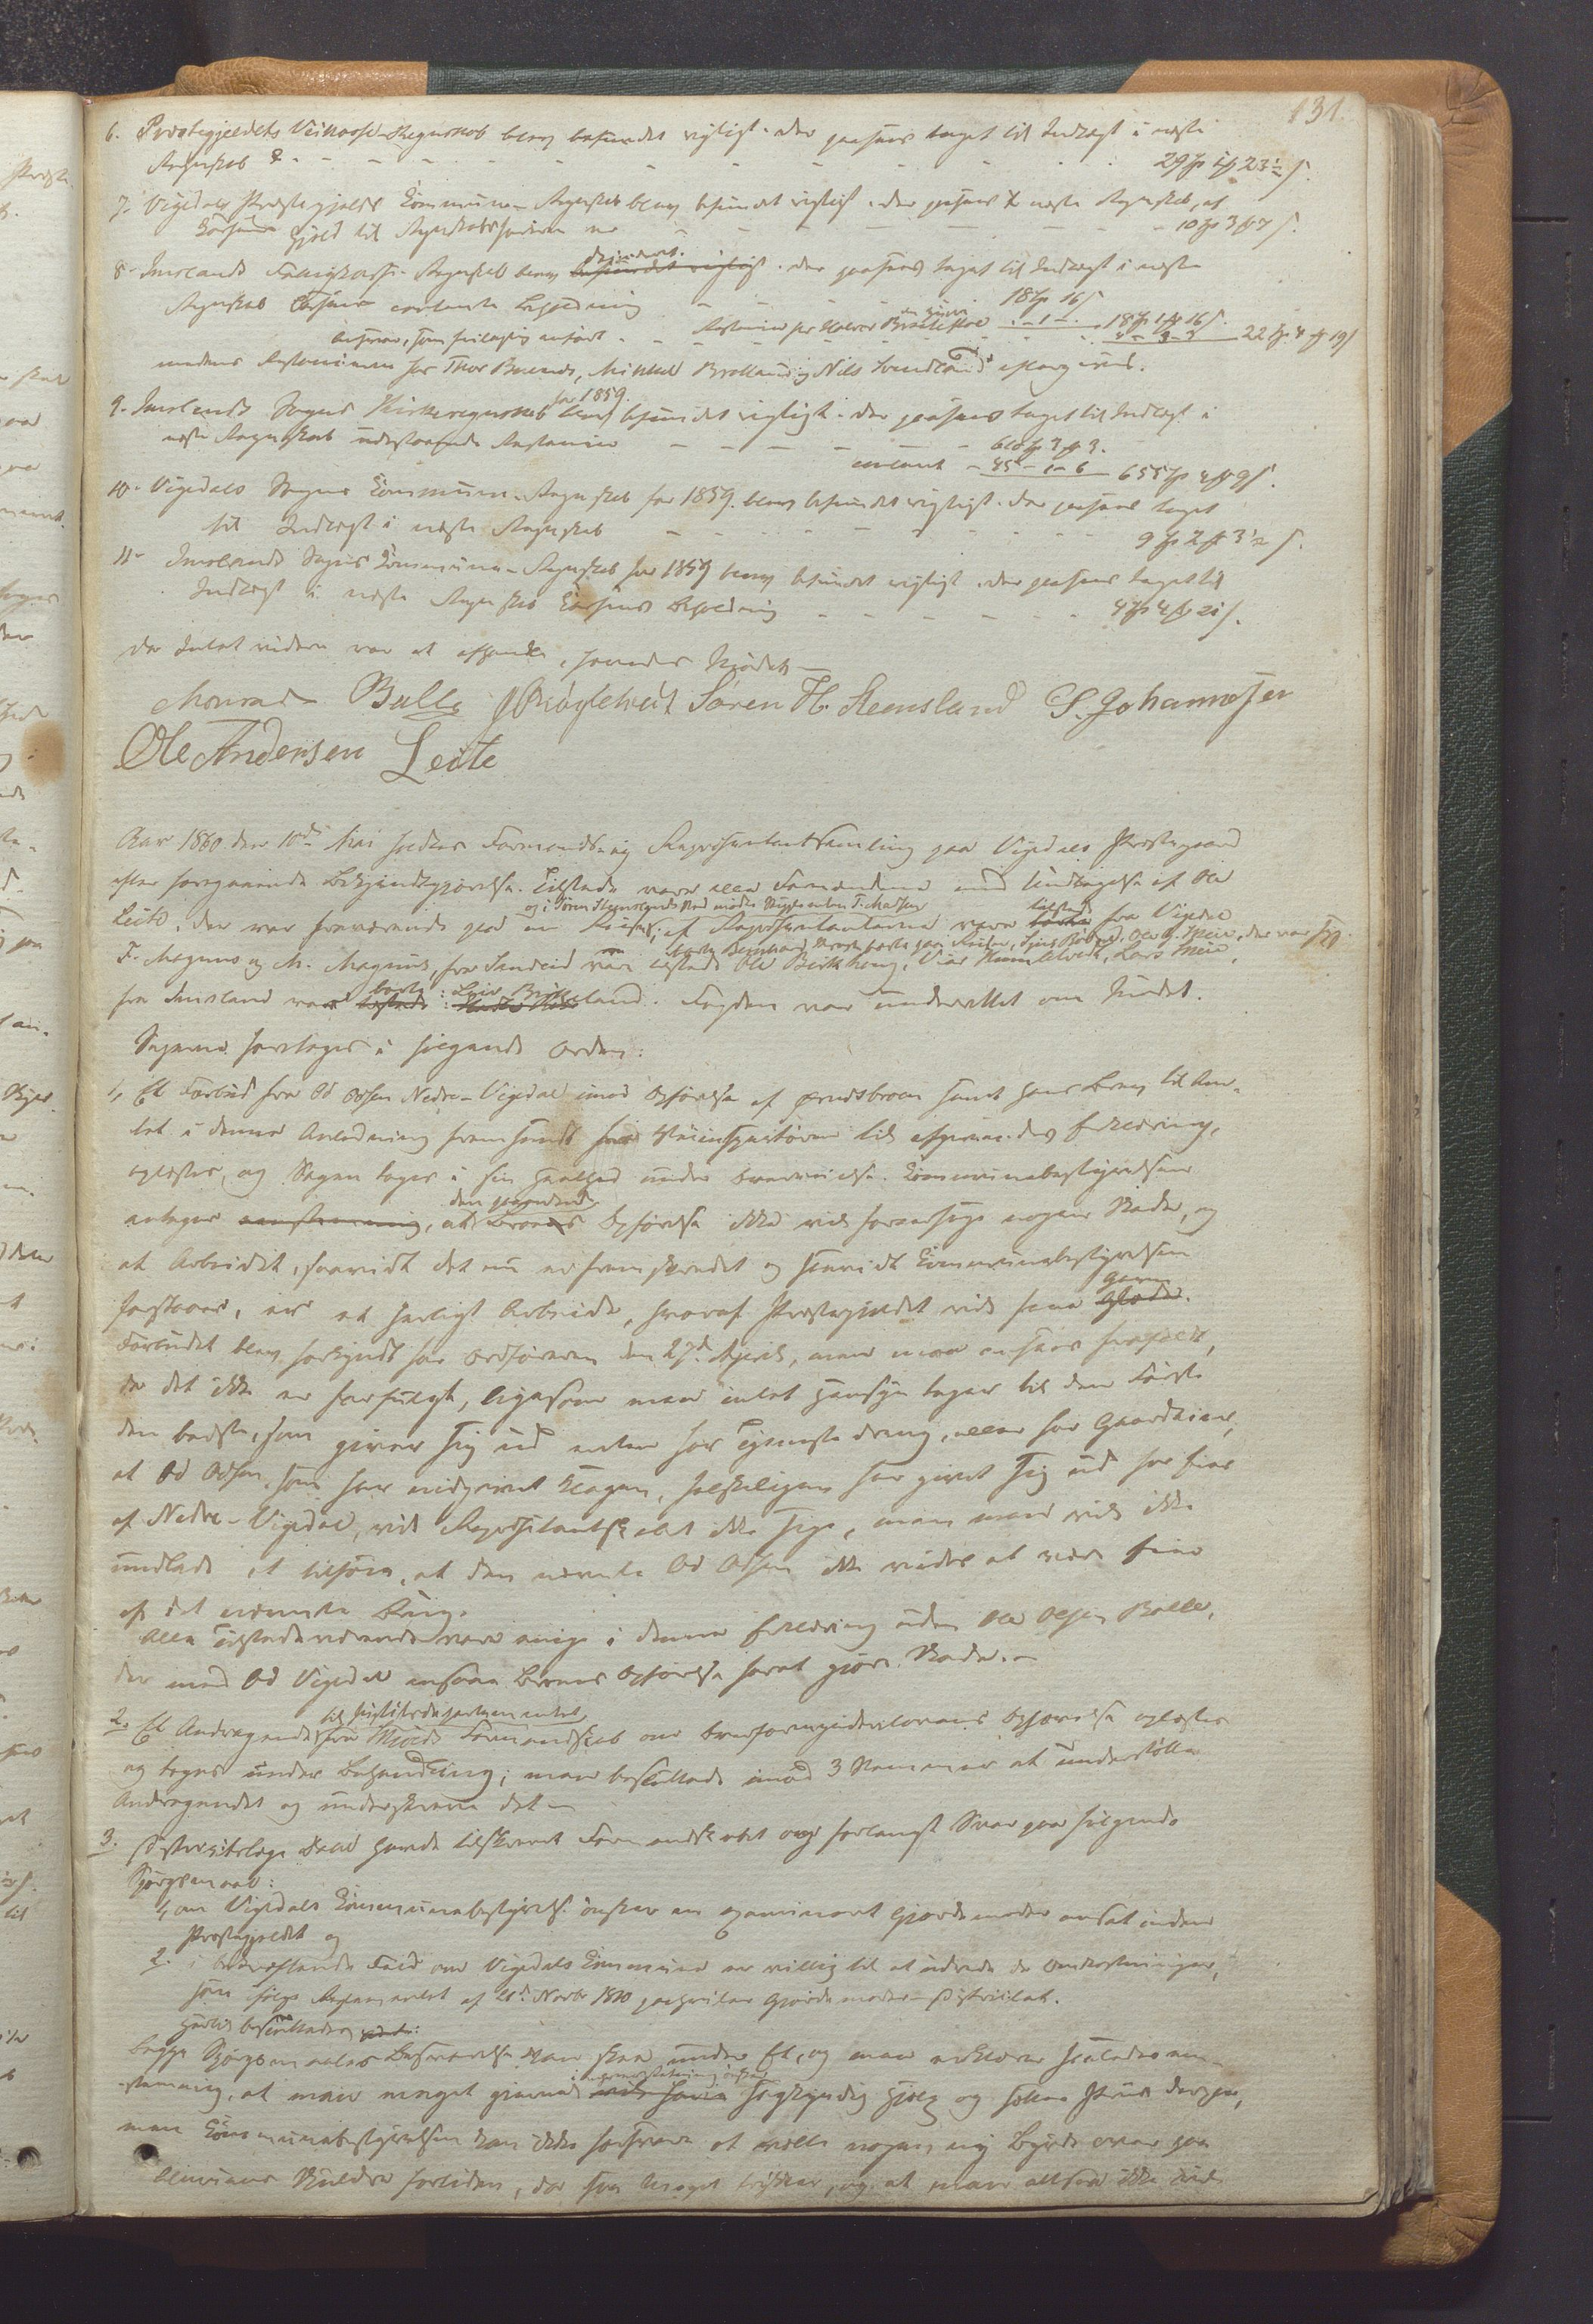 IKAR, Vikedal kommune - Formannskapet, Aaa/L0001: Møtebok, 1837-1874, s. 131a